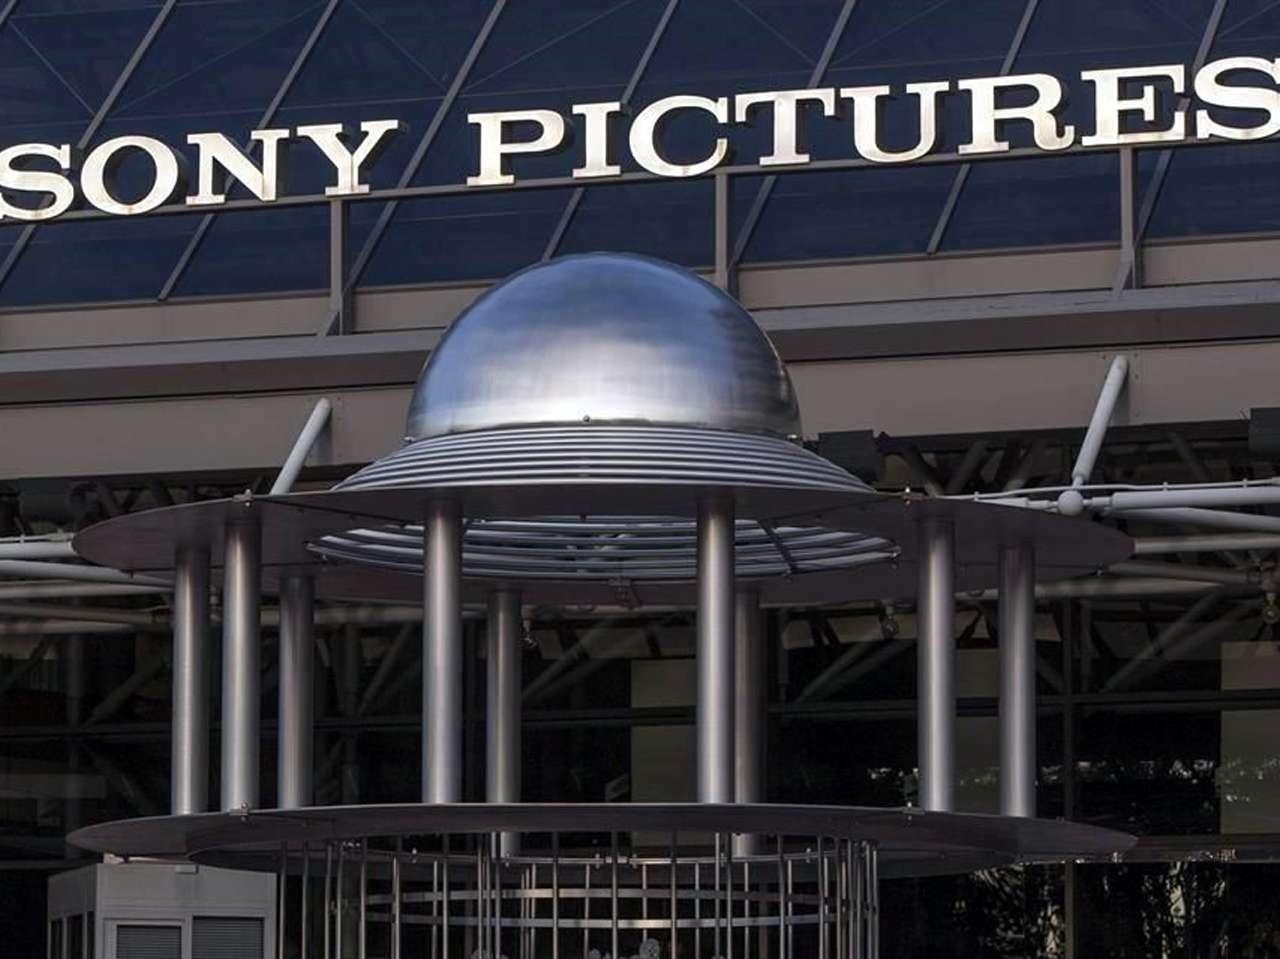 Sony Pictures podría perder hasta 500 millones de dólares, según expertos. Foto: AP en español